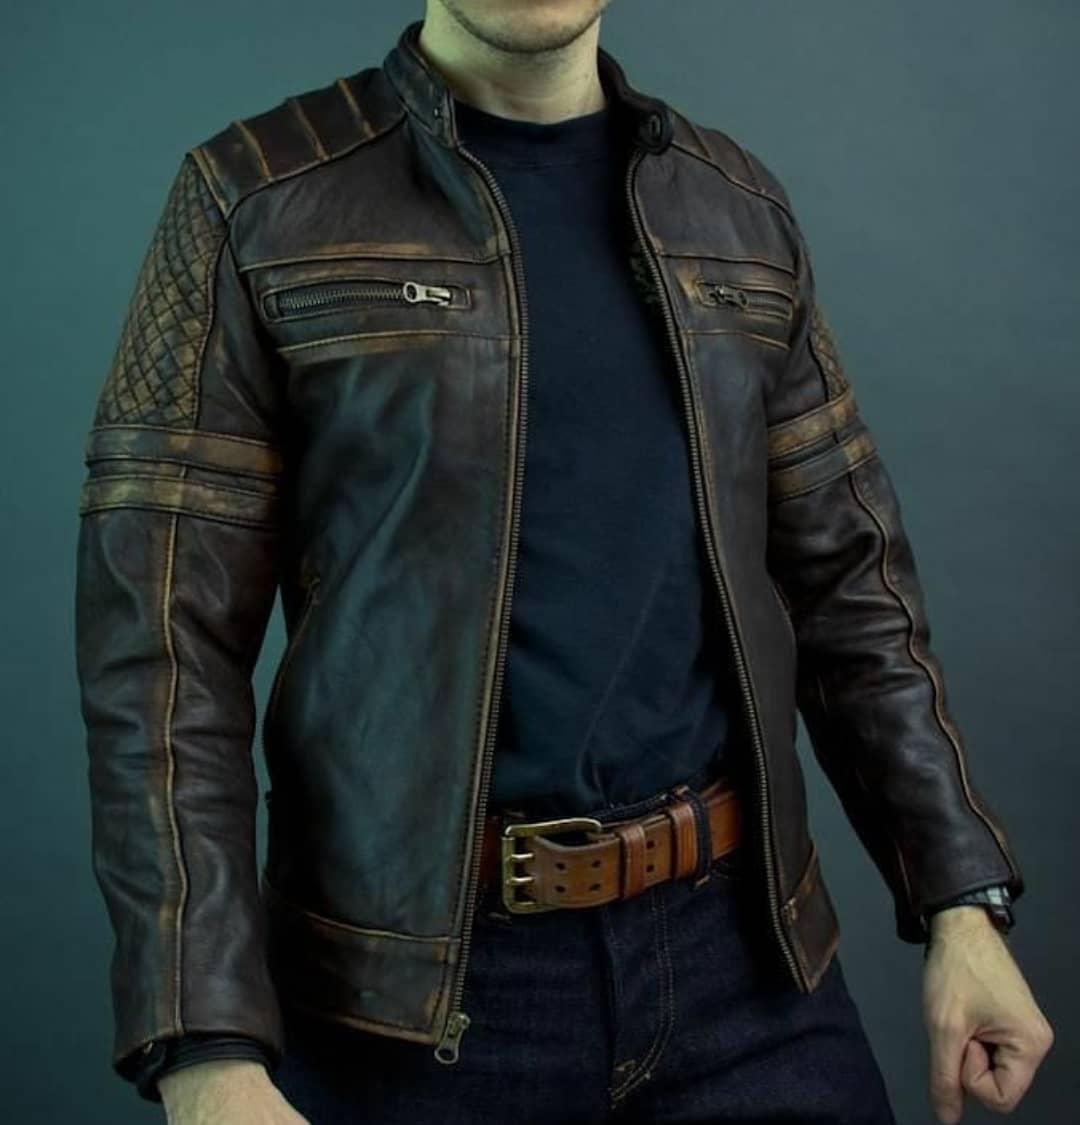 Vintage Leather Jacket Styles -leatherjacketszone